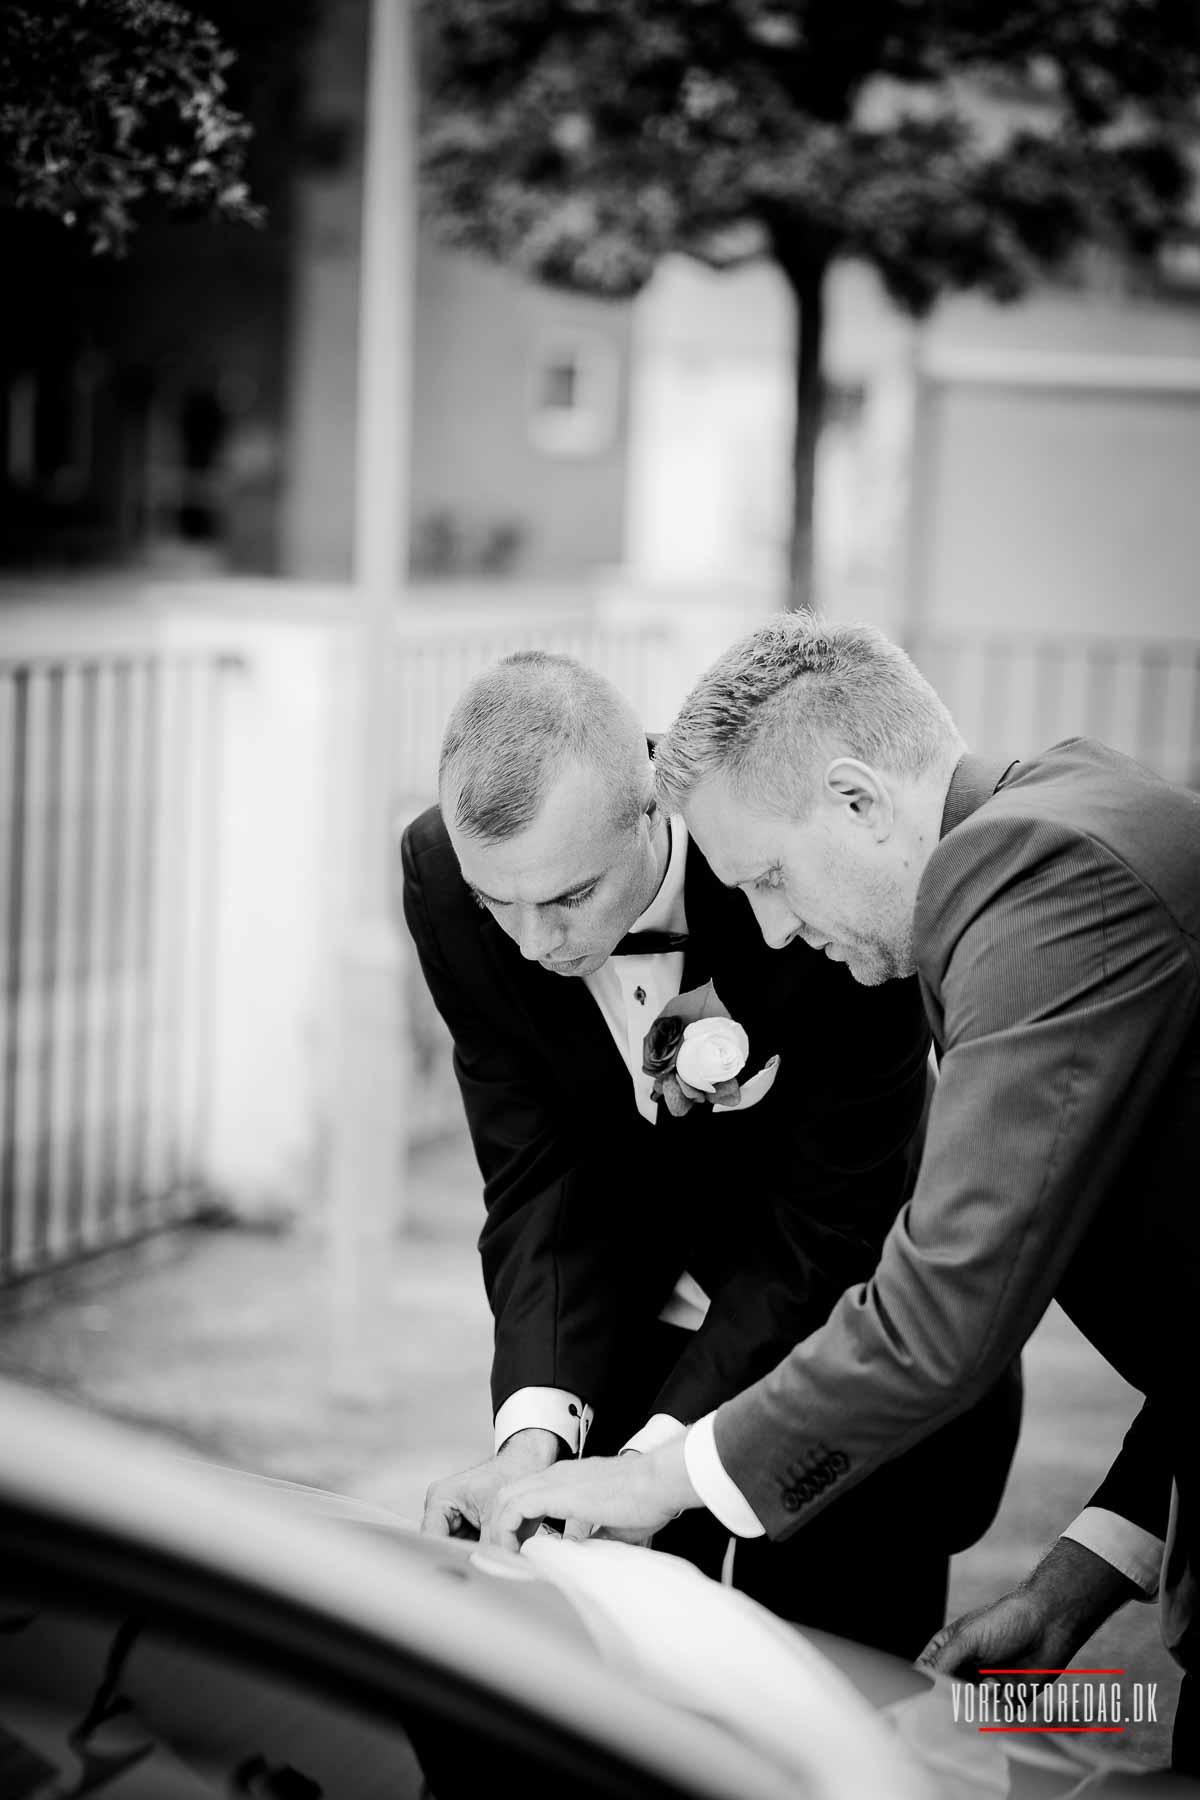 Fotograf i KBH | Bryllupsbilleder, Bryllup og Fotografer